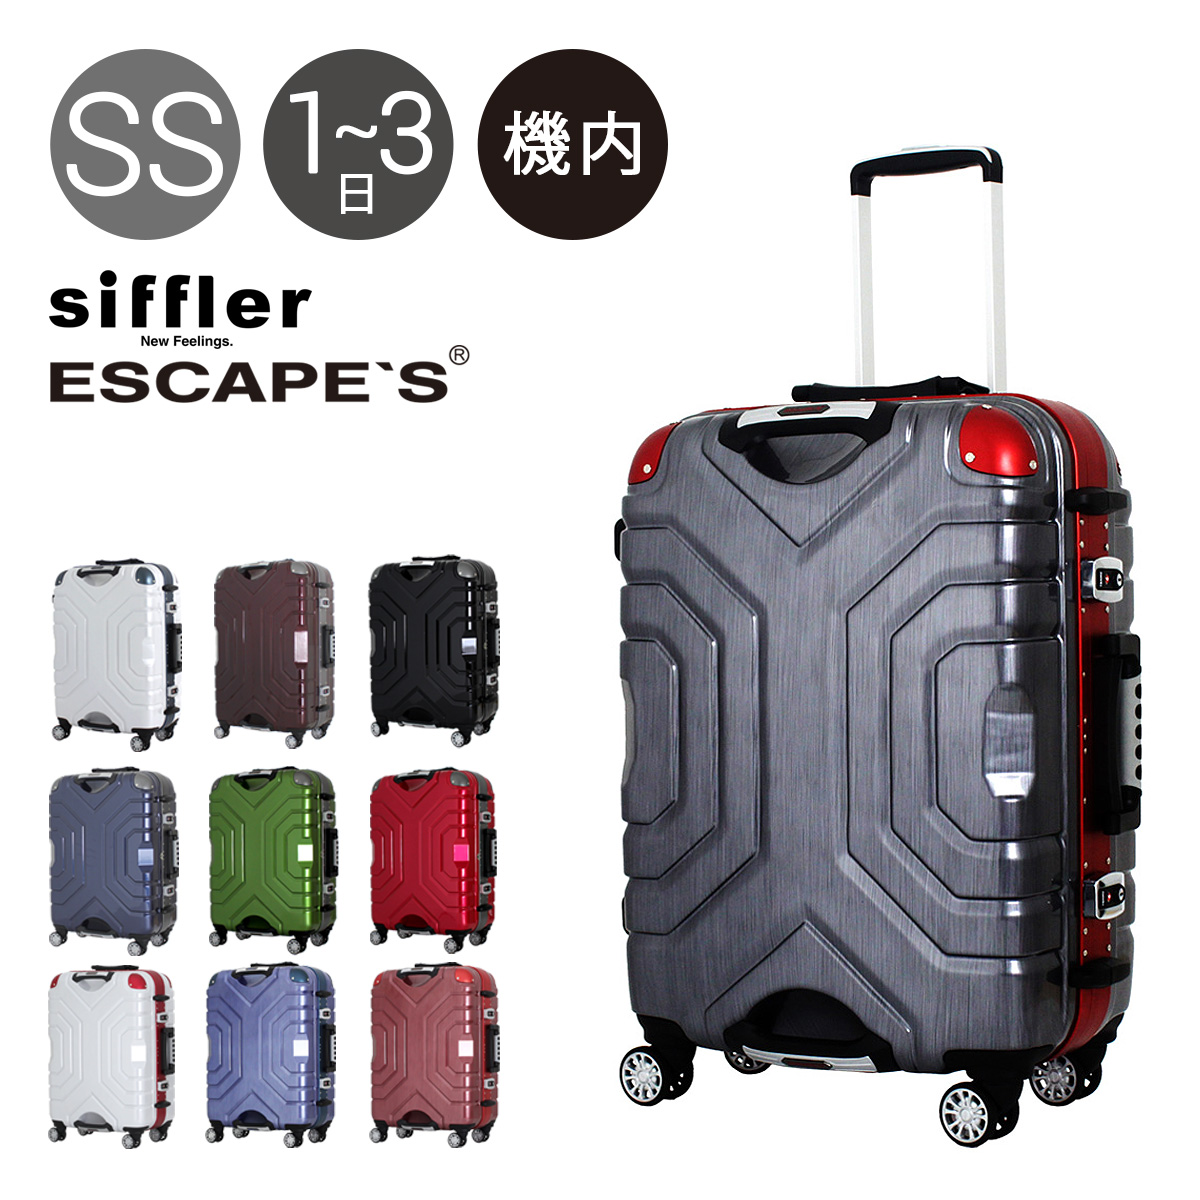 シフレ スーツケース 44cm エスケープ グリップマスター B5225T-44 Siffler ESCAPE'S キャリーケース 1年保証 TSAロック搭載 [PO10][bef]